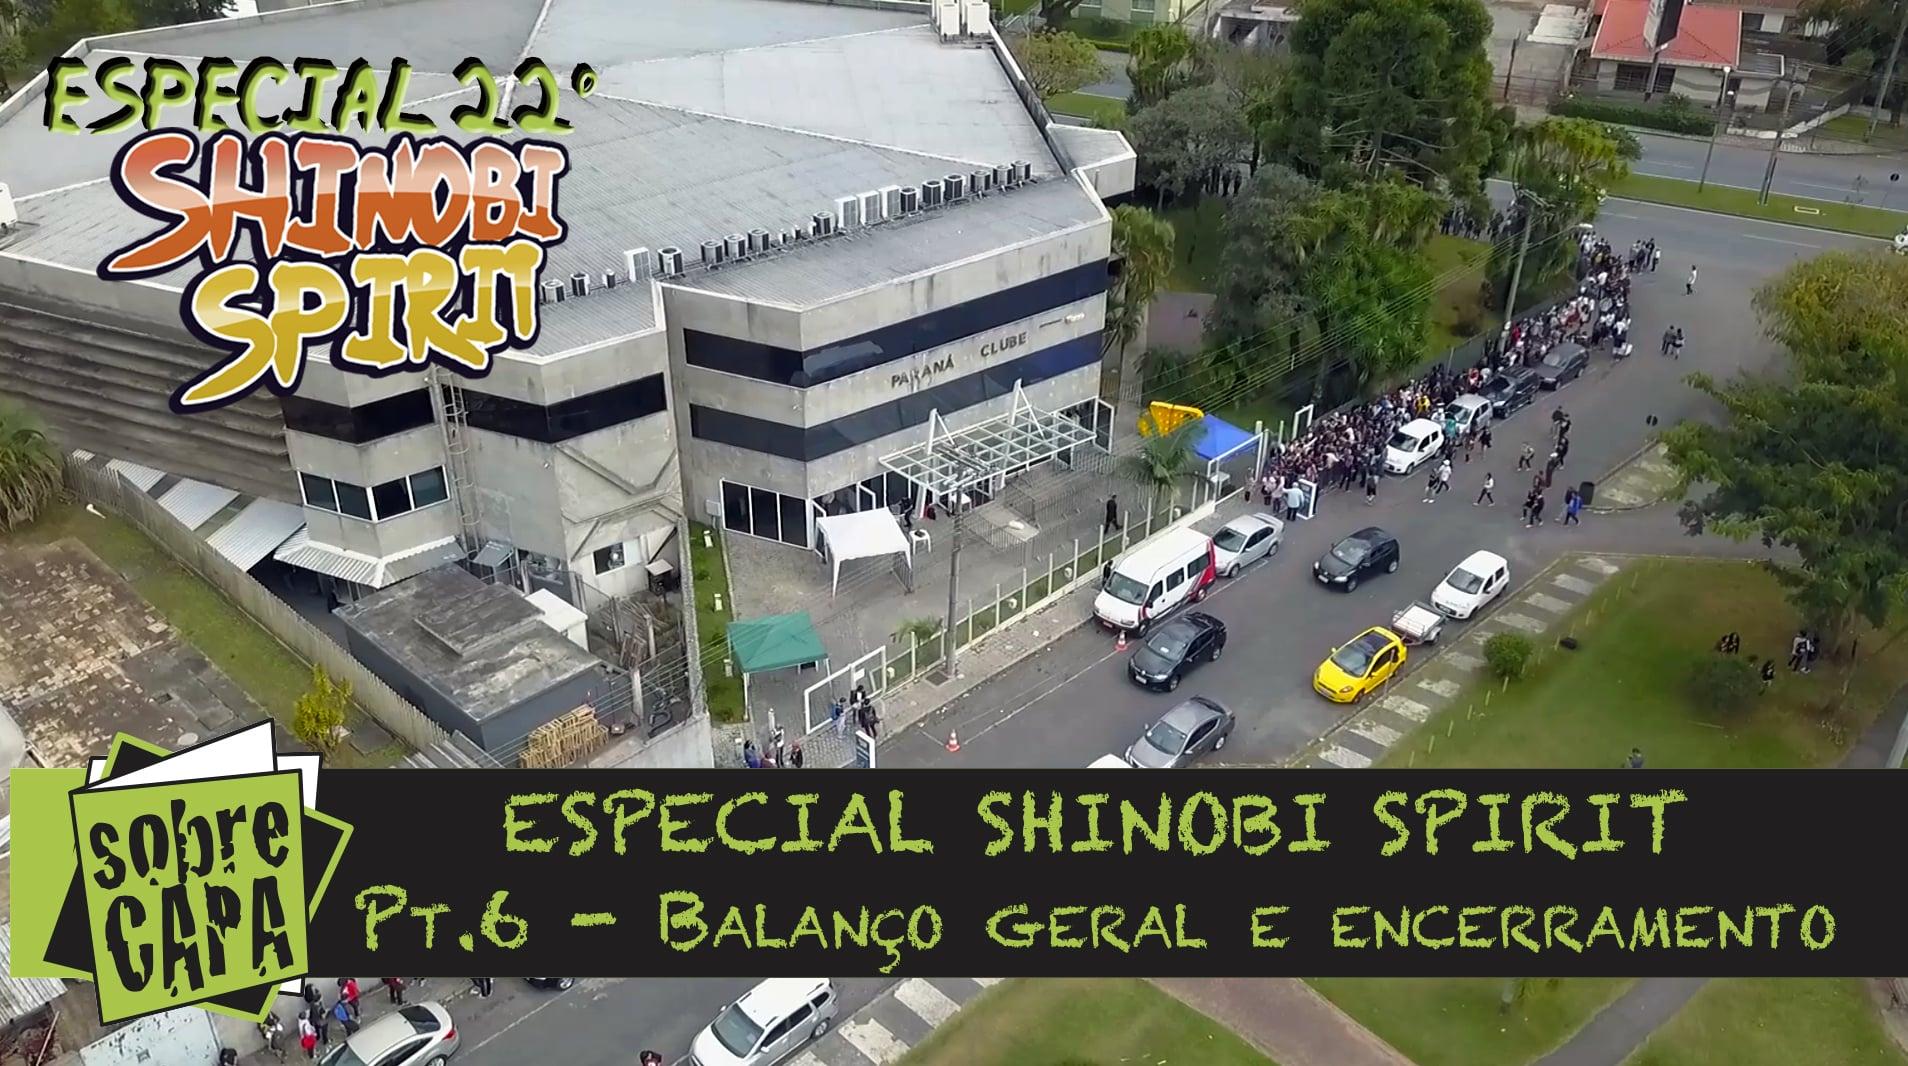 Com cerca de 25 mil visitantes, 22º Shinobi Spirit se consolida no cenário dos grandes eventos nacionais 8